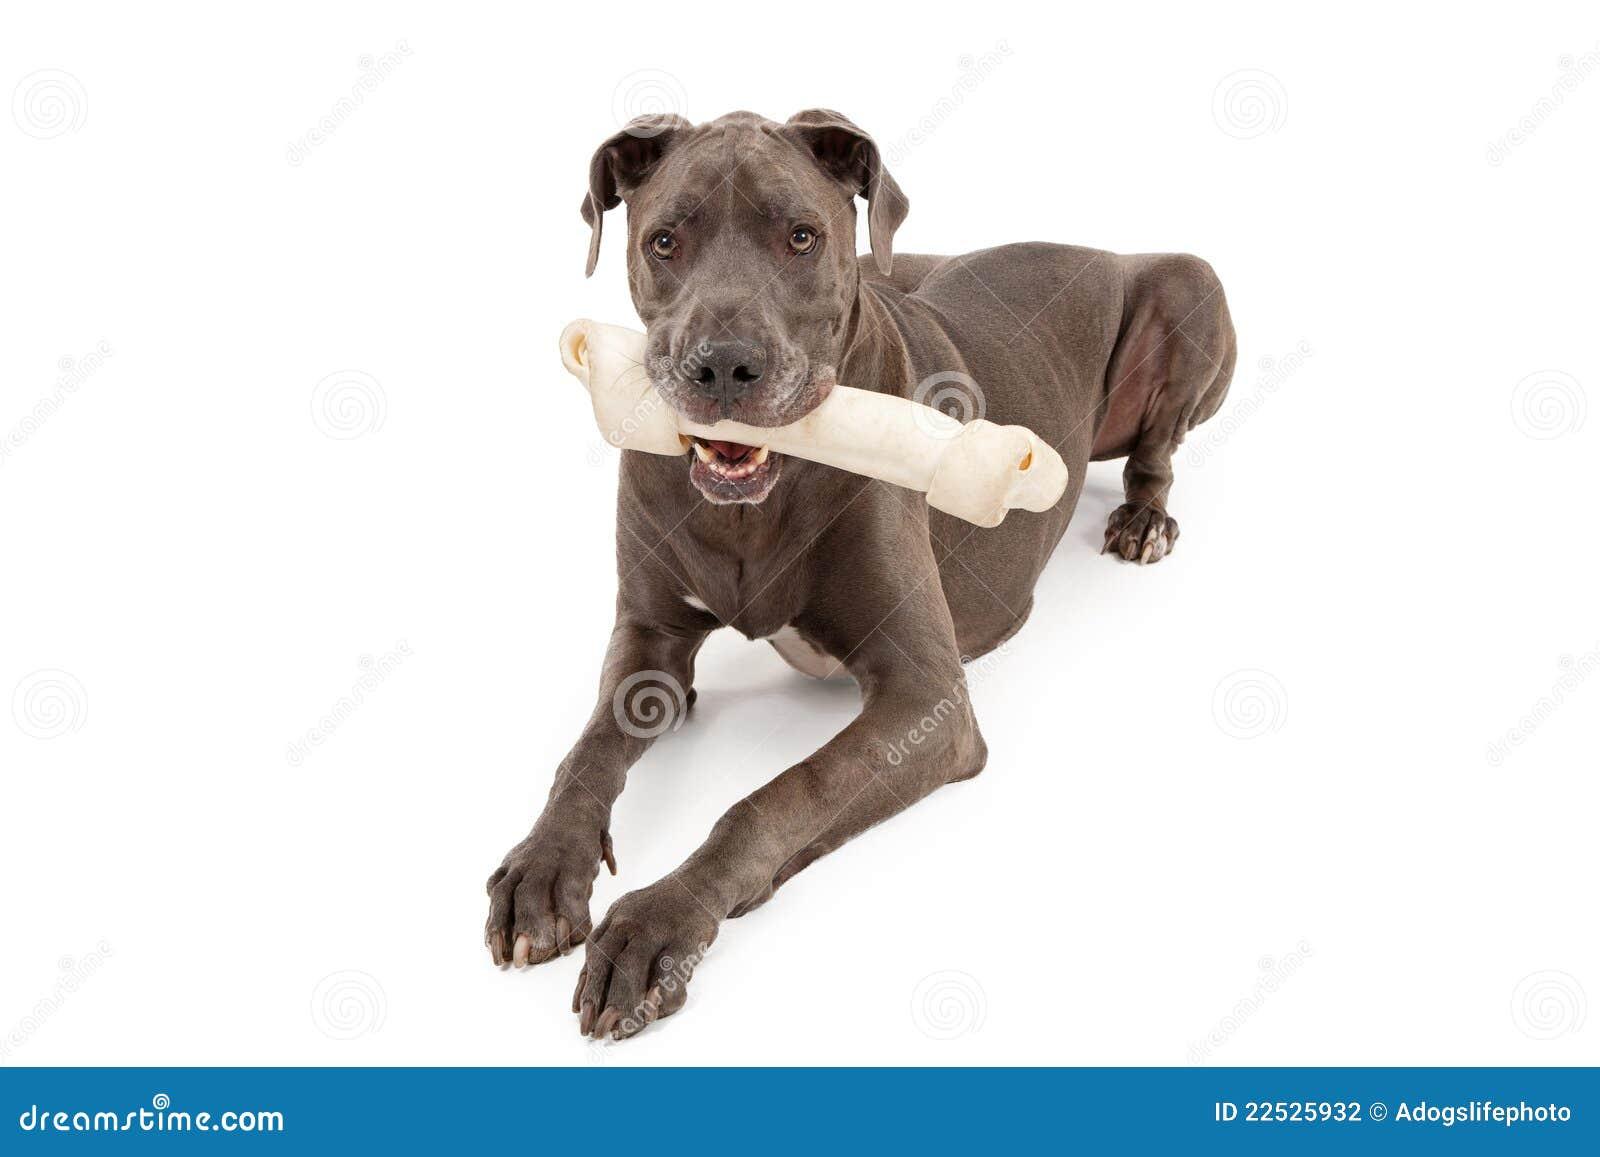 Great Dane Dog With Large Bone Stock Photography Image